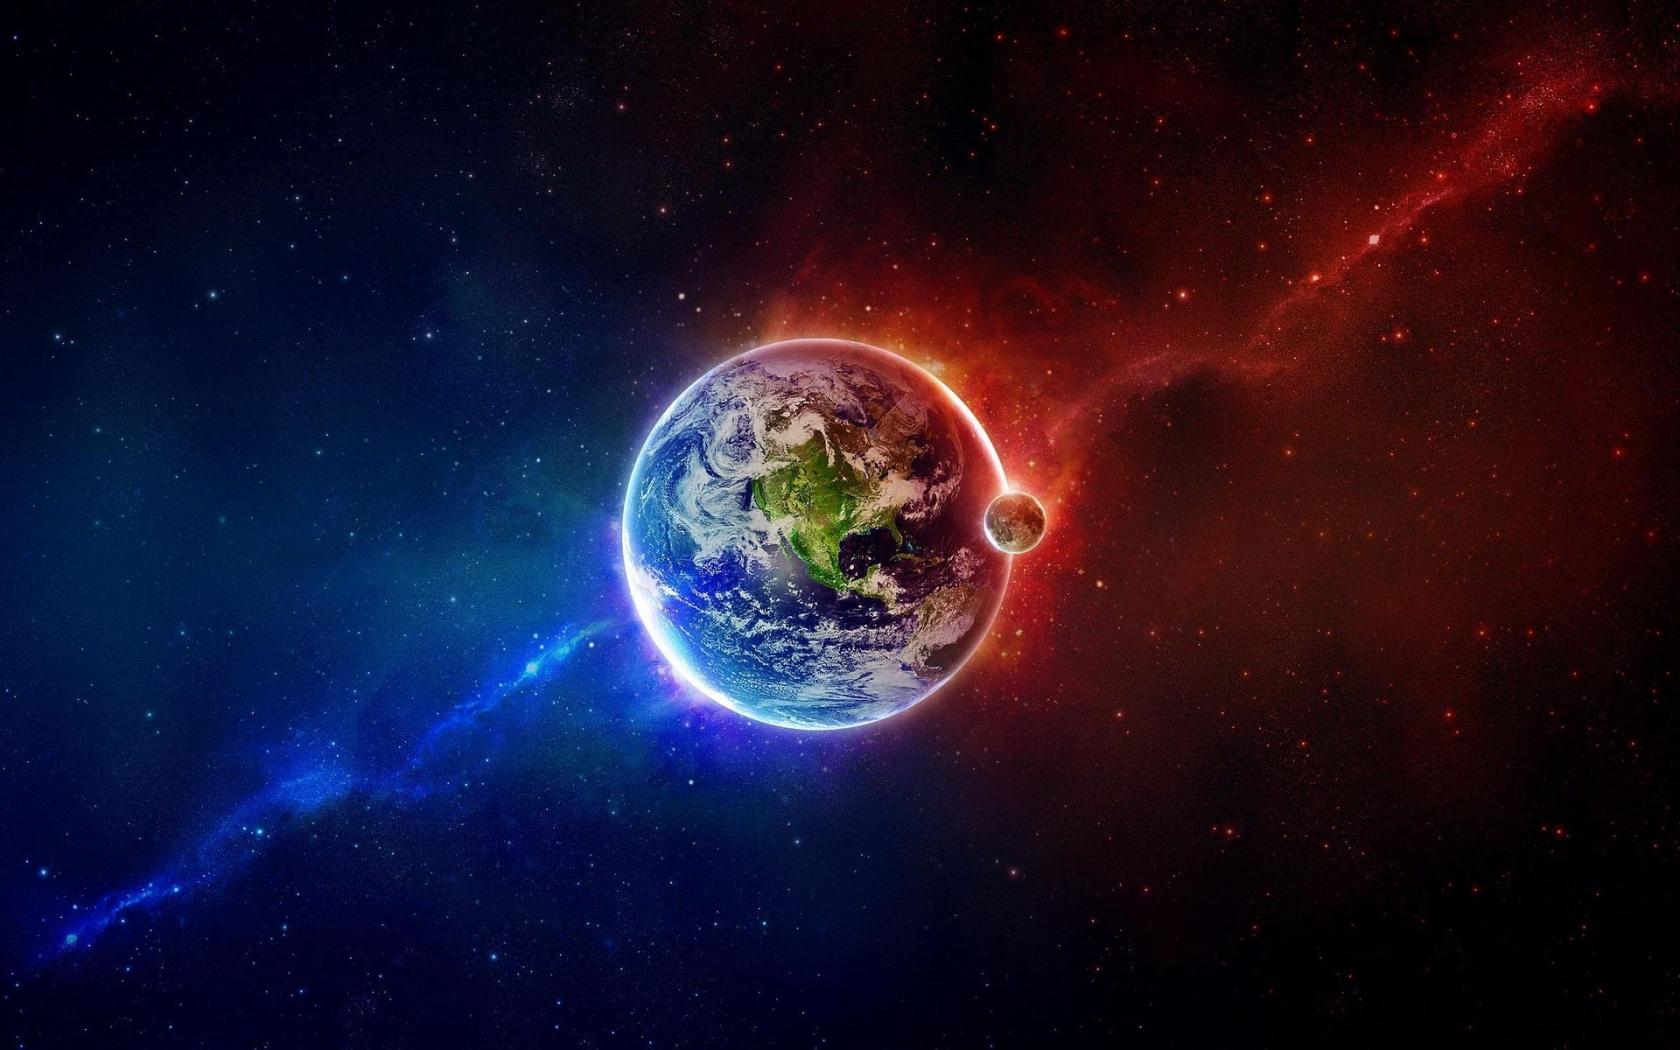 Fantasy Earth Wallpaper